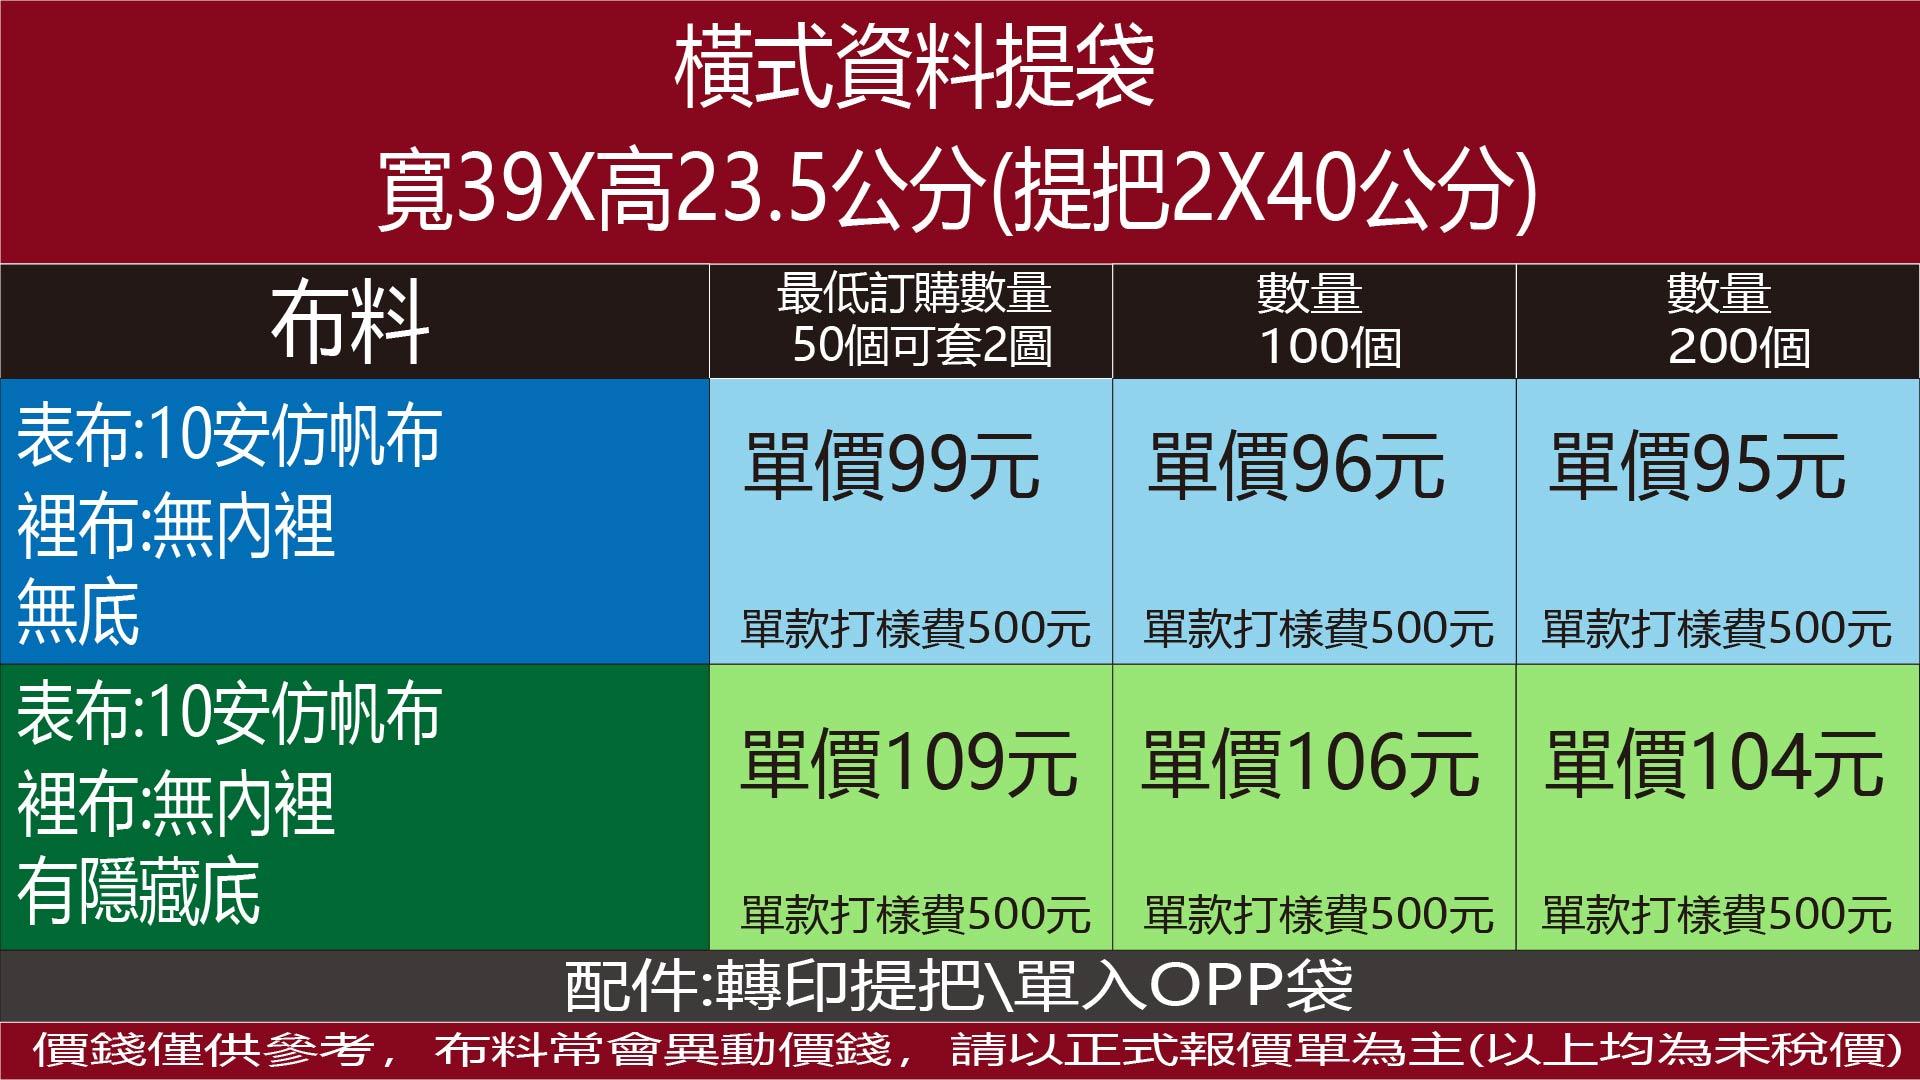 橫式資料提袋-01